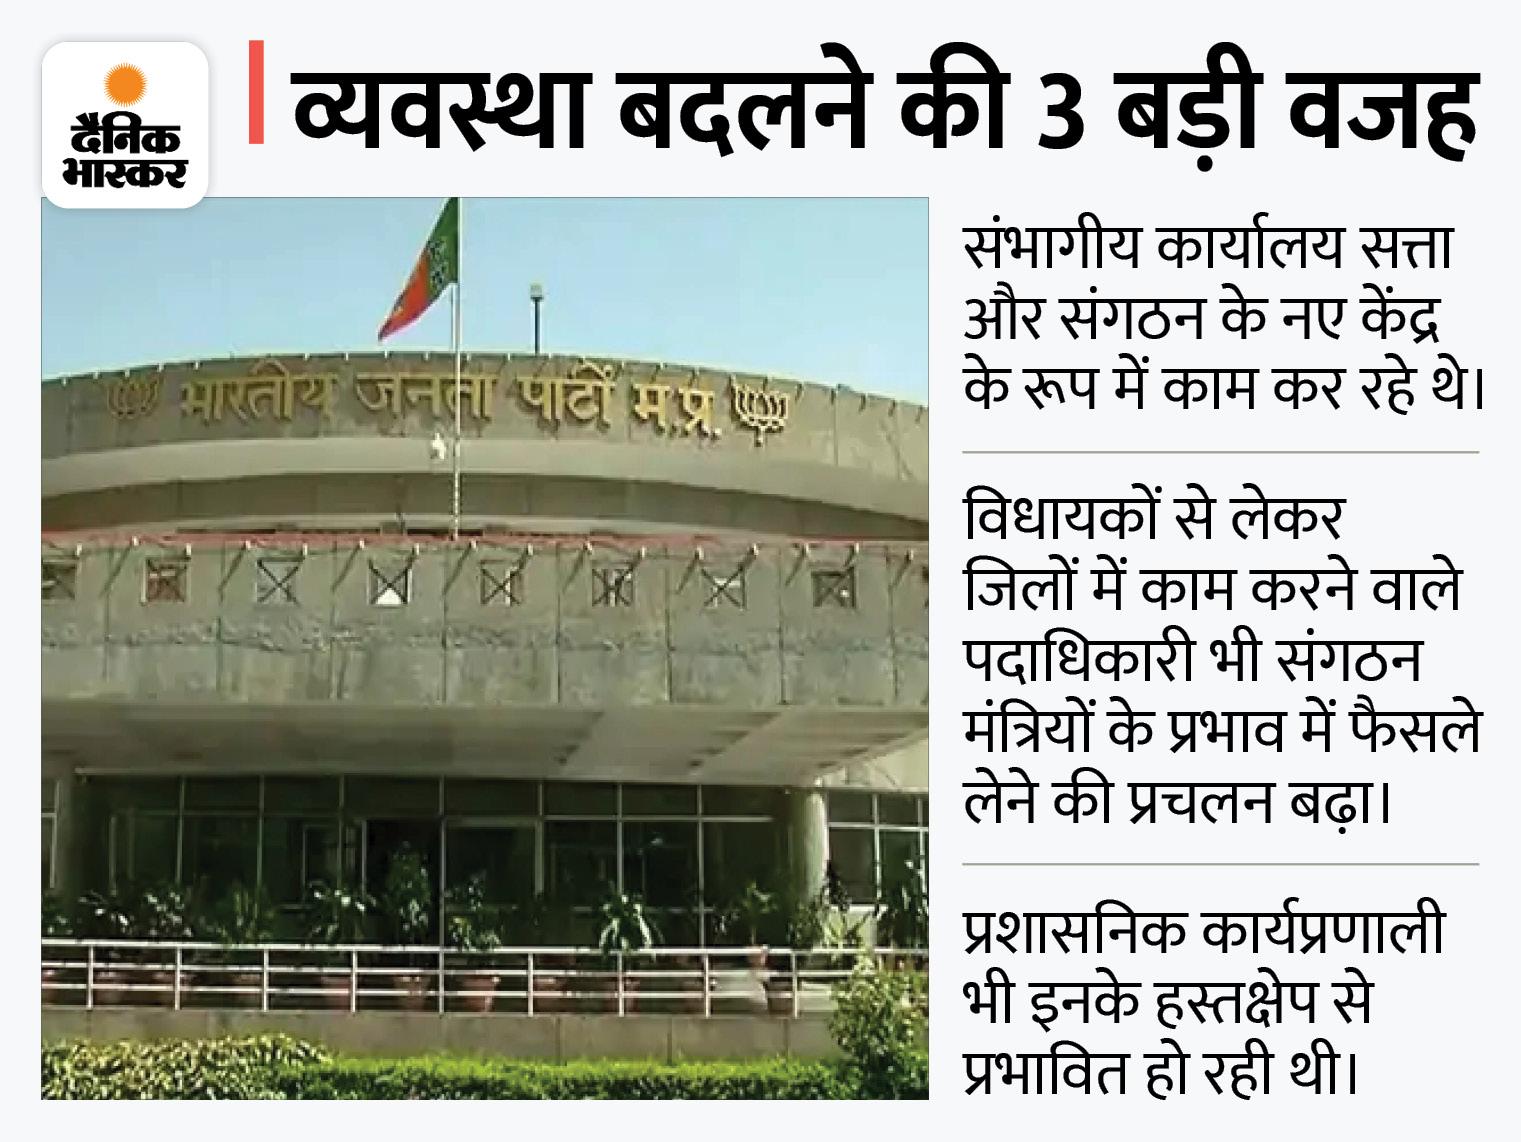 सत्ता-संगठन के नए केंद्र थे संभागीय कार्यालय; अब प्रदेश को 3 भागों में बांट मालवा, मध्य और महाकौशल प्रांत बनाए; संघ से आएंगे 2 और सह संगठन मंत्री|मध्य प्रदेश,Madhya Pradesh - Dainik Bhaskar